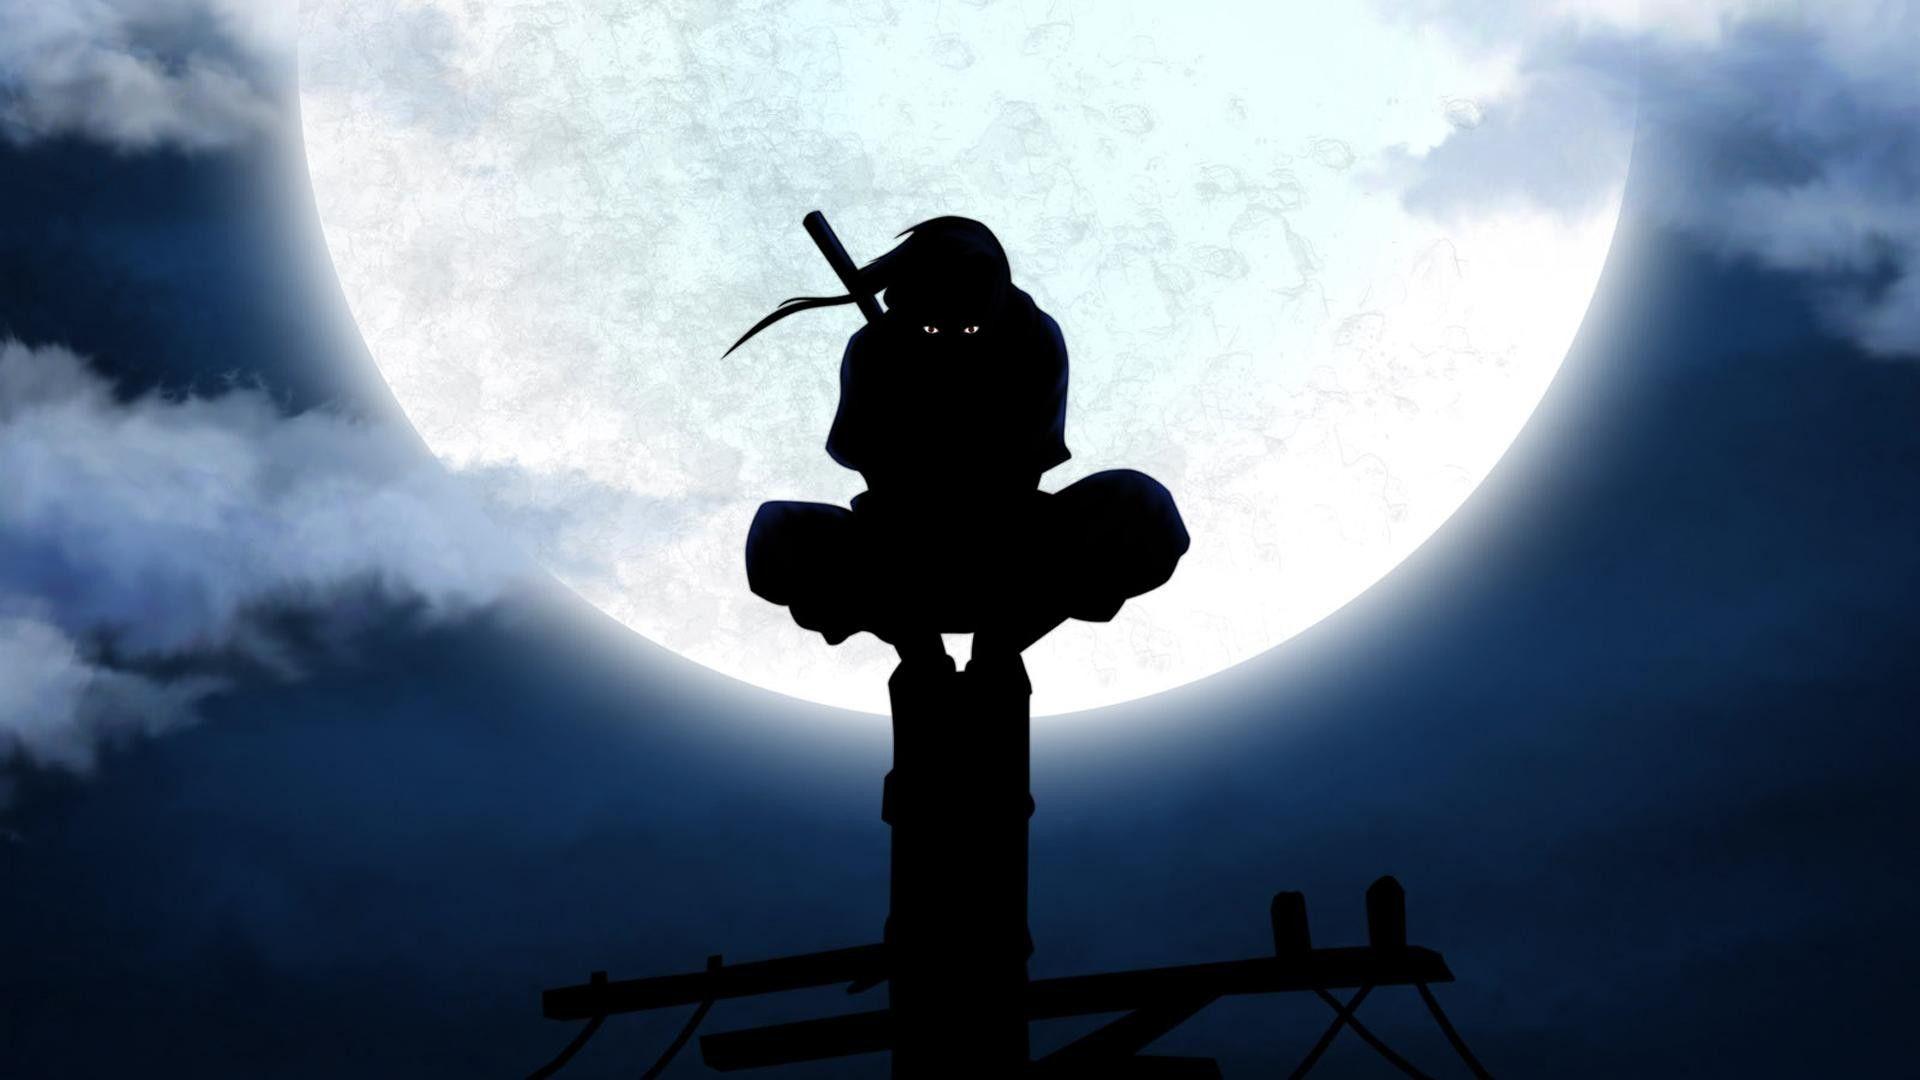 Ninja Traidor Iluminado Pela Lua Papel De Parede Pc